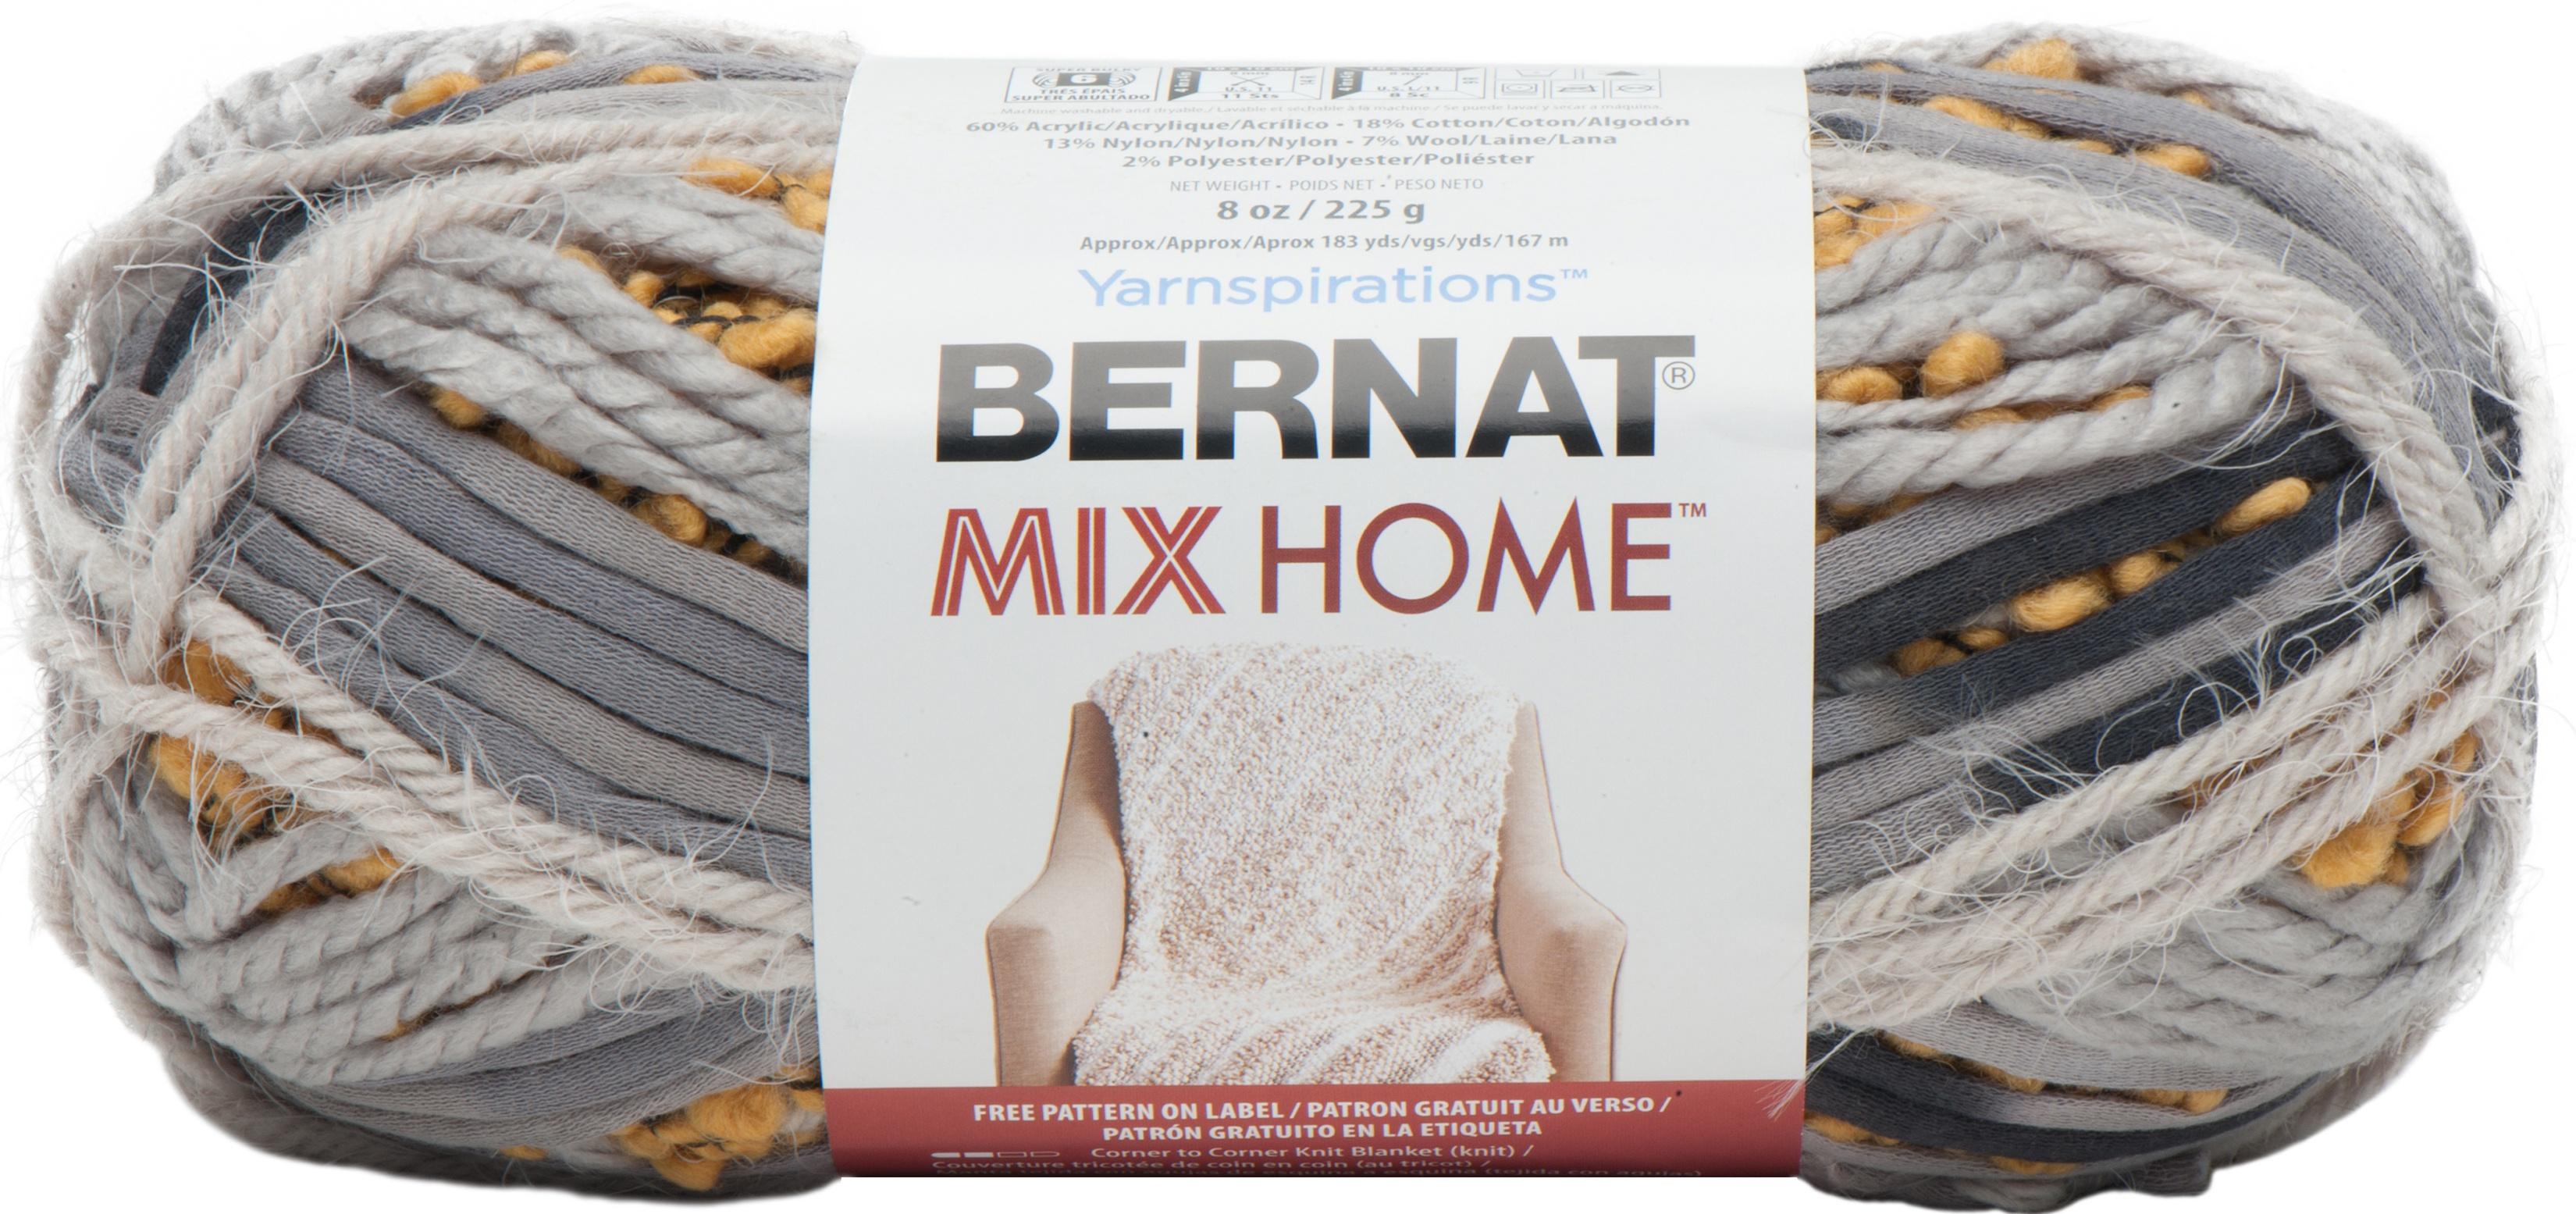 Bernat Mix Home Yarn